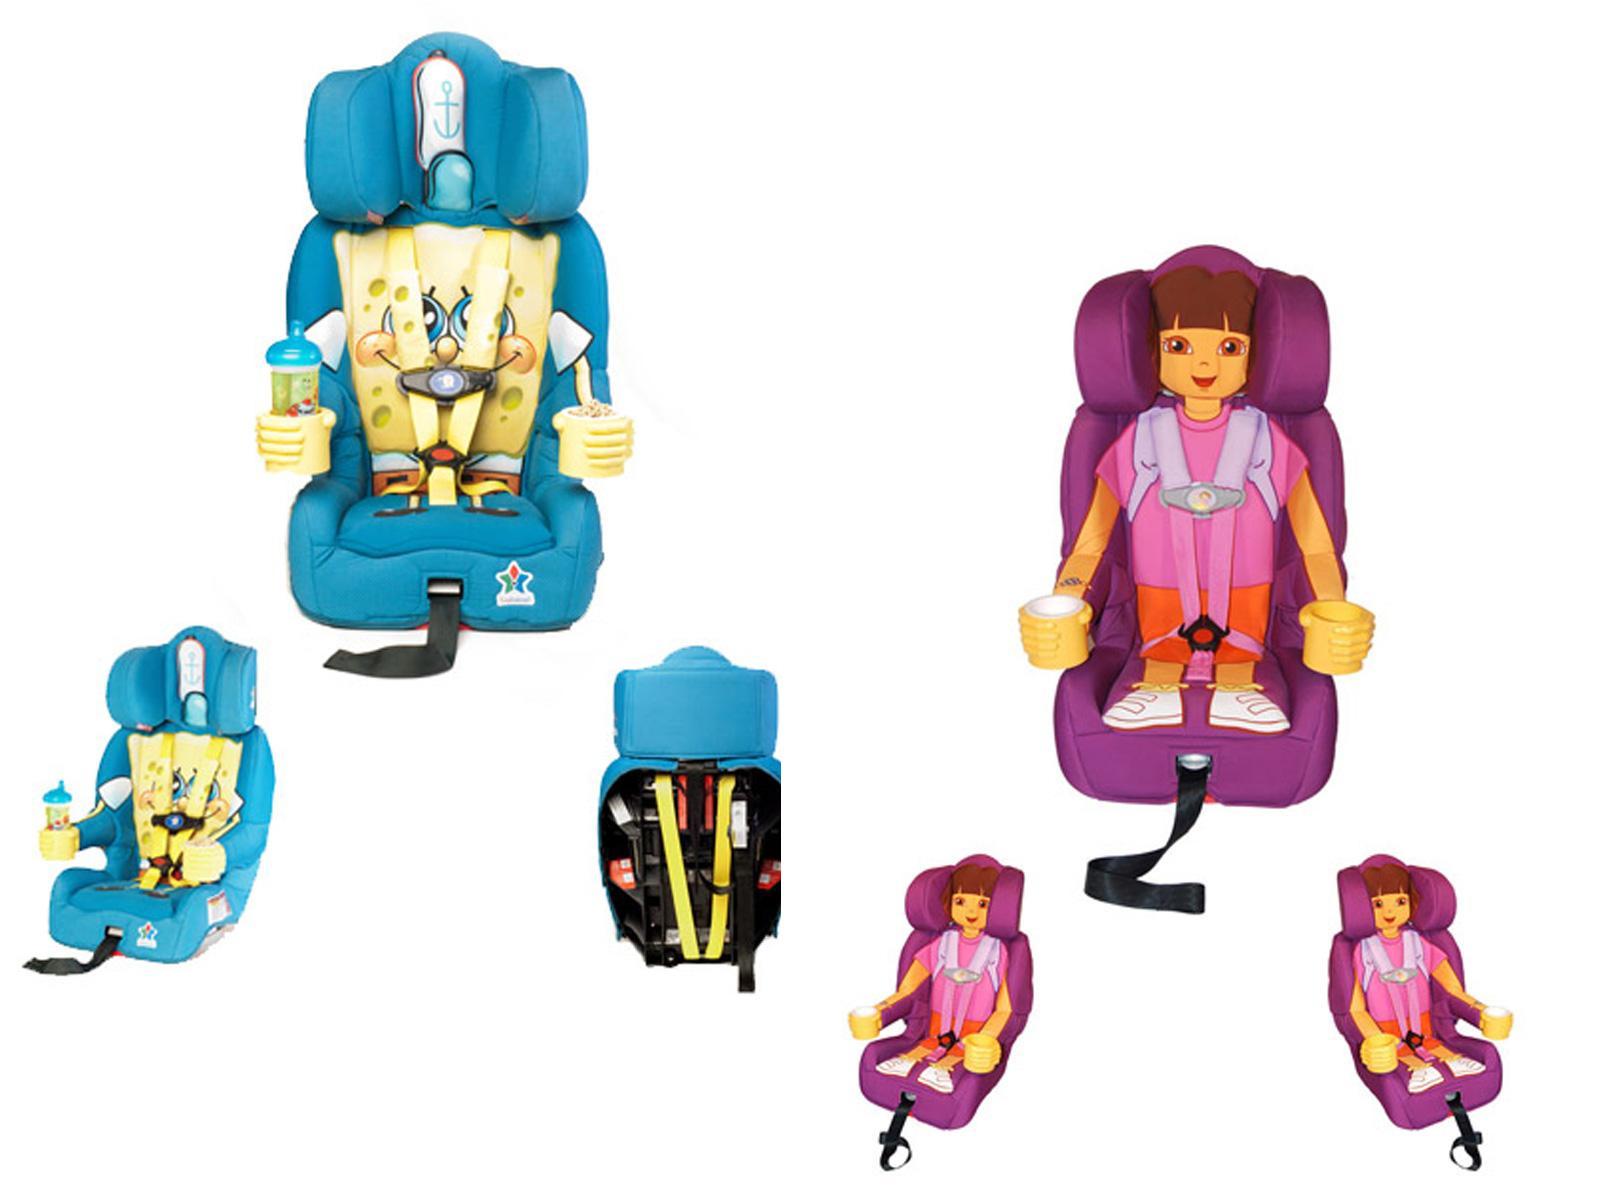 Sillas de seguridad para ni os estilo caricaturesco for Sillas de seguridad para ninos